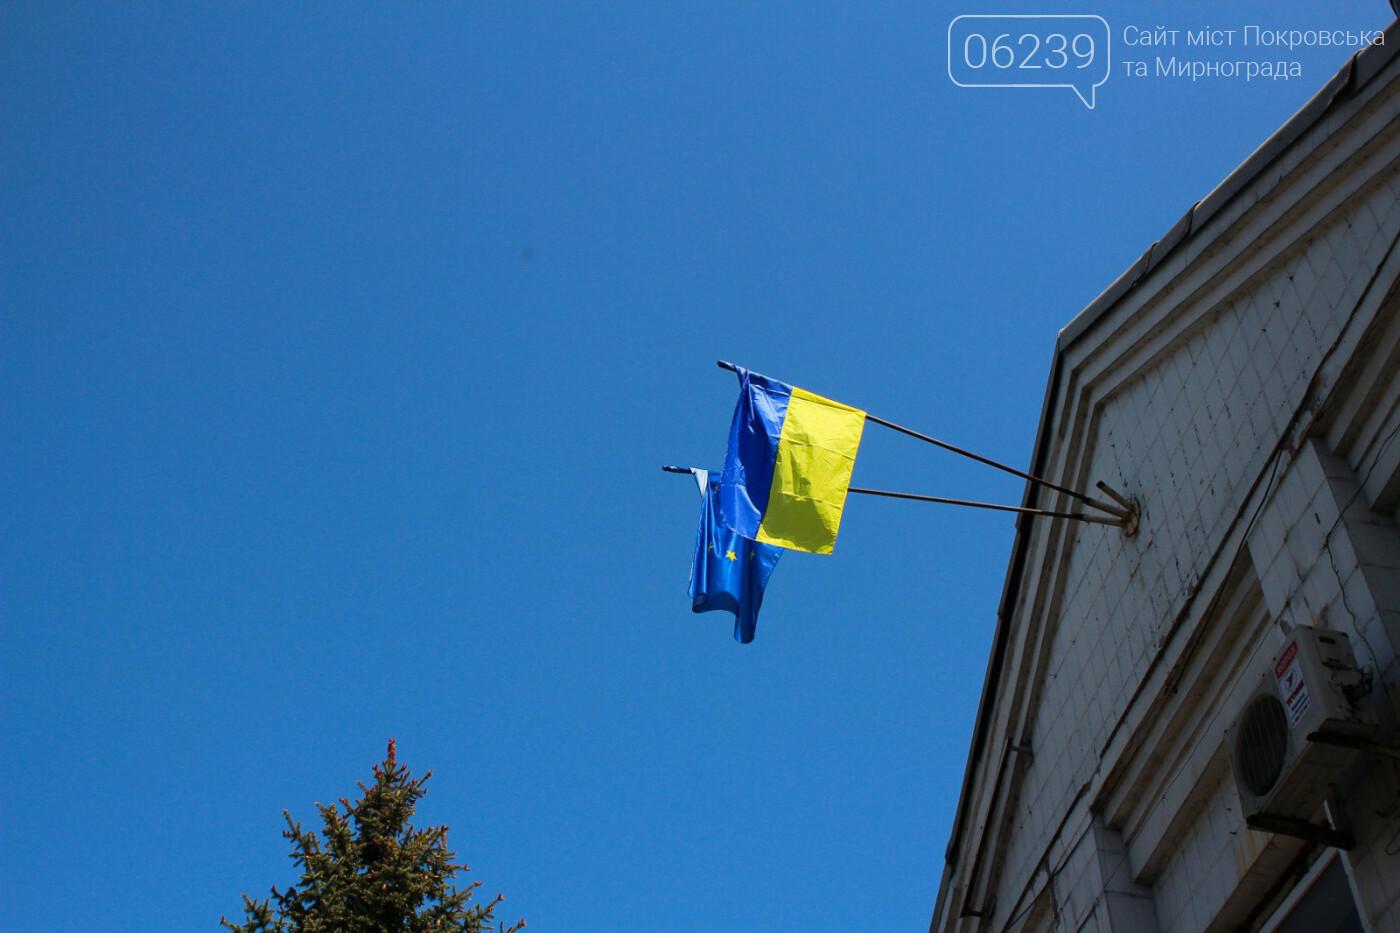 """В Мирнограде в честь """"Дня Евпропы"""" над зданием горсовета вывесили флаг Евросоюза , фото-2"""